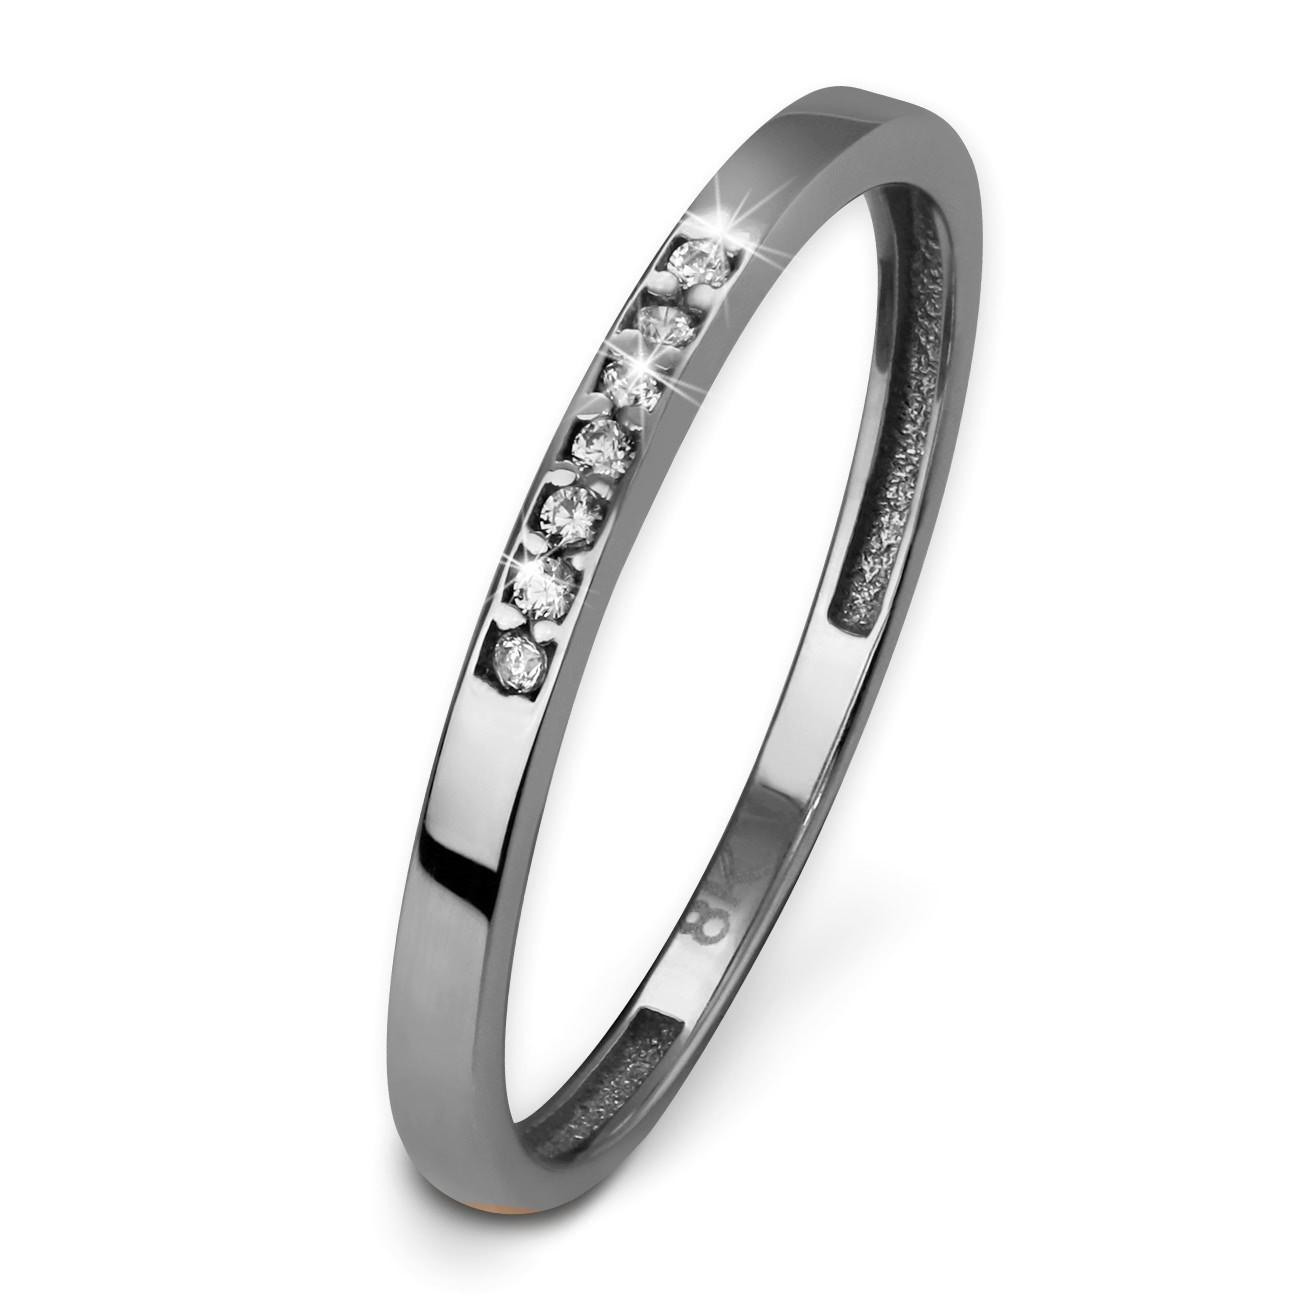 SilberDream Gold Ring Zirkonia weiß Gr.54 333er Weißgold GDR502J54